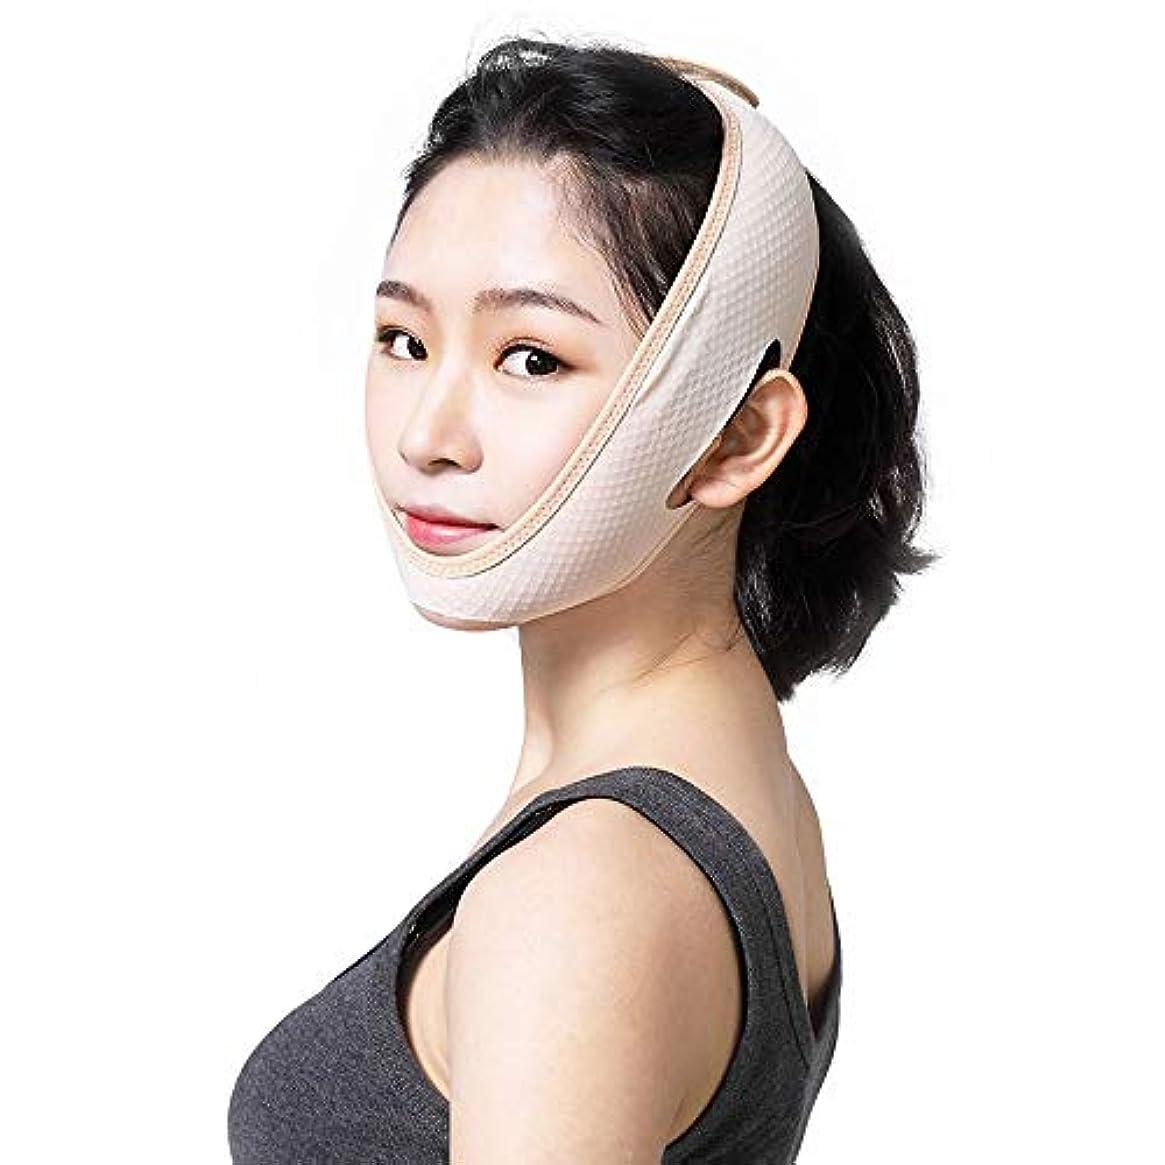 変換する聴く樹木Jia Jia- シンフェイスアーティファクトVフェイスタイトリフティングフェイスリフトシンダブルチン男性と女性フェイス包帯マスク 顔面包帯